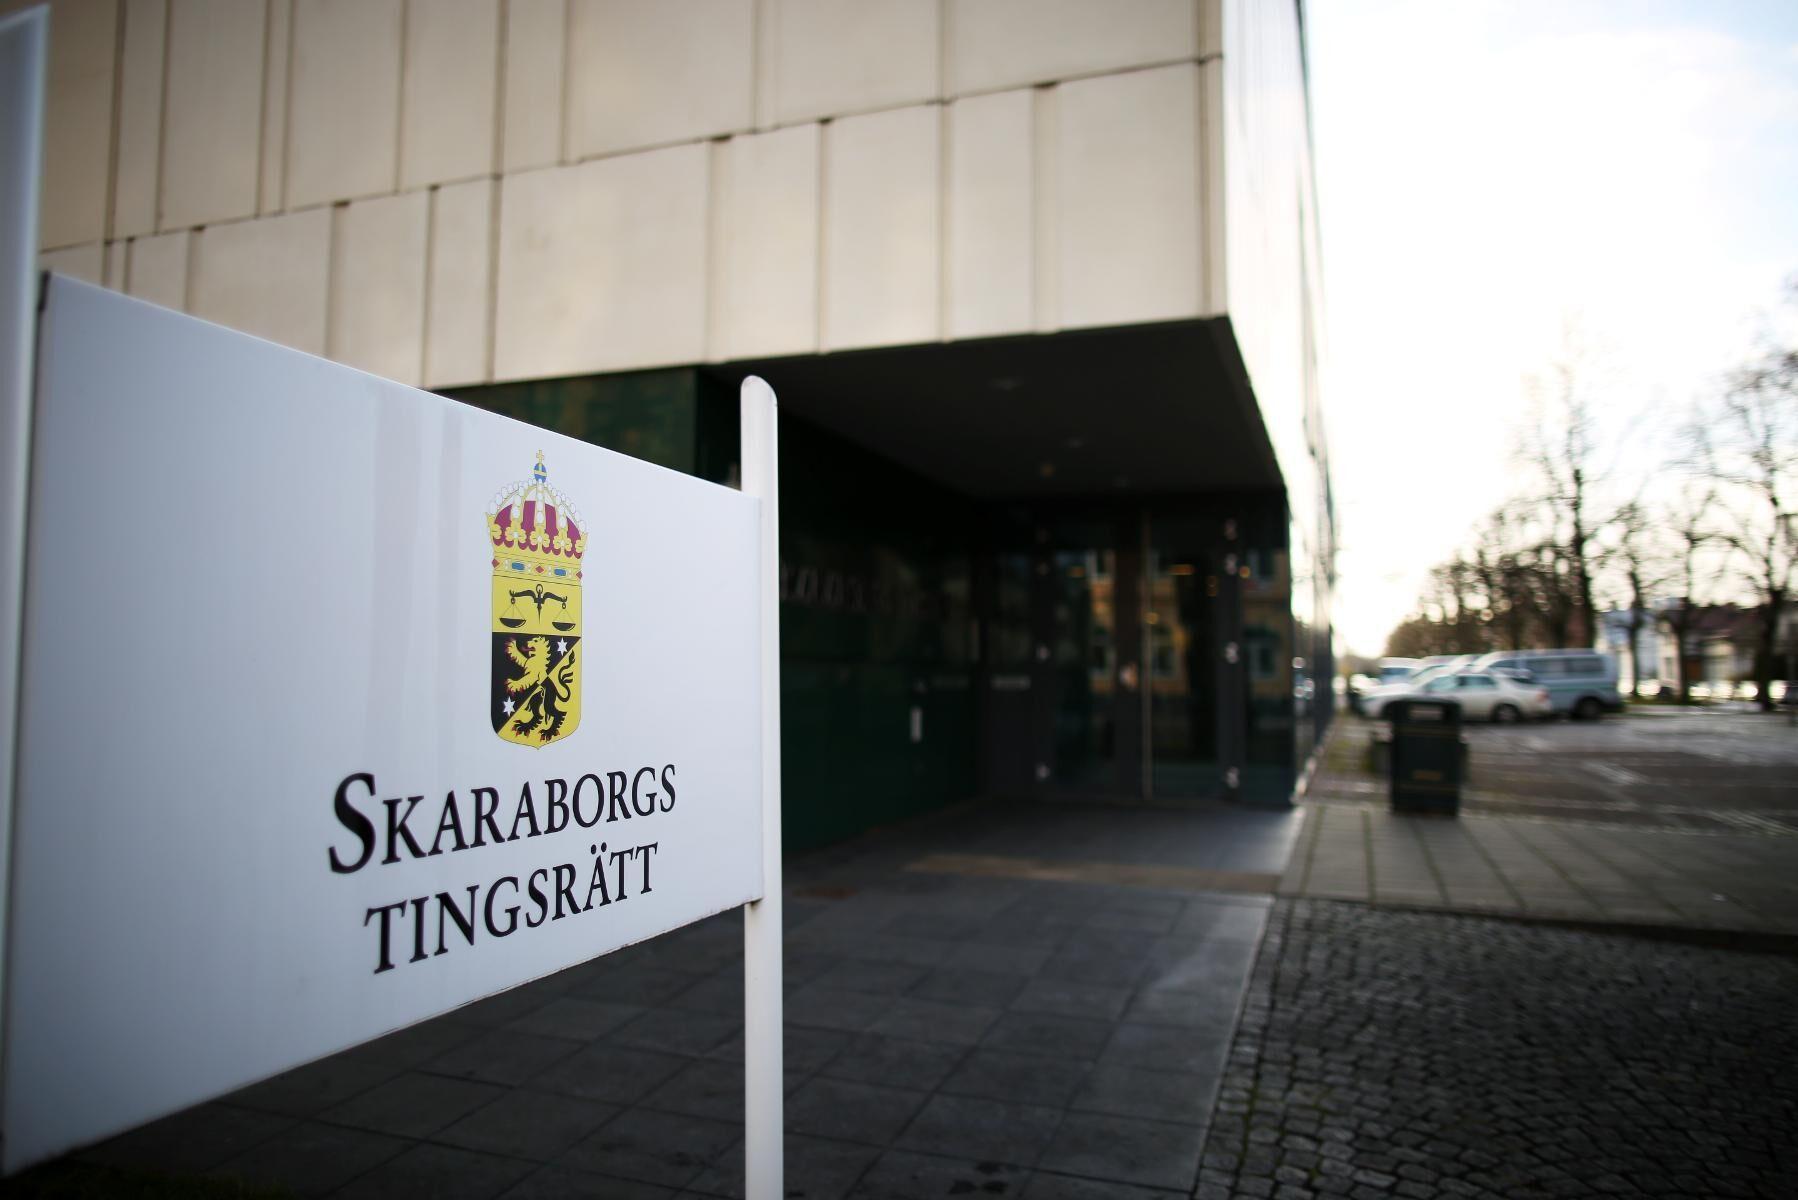 Tre män döms av Skaraborgs tingsrätt för grov stöld, försök till grov stöld och grovt häleri för att ha stulit sadlar och annan utrustning till ett värde av över en miljon kronor.